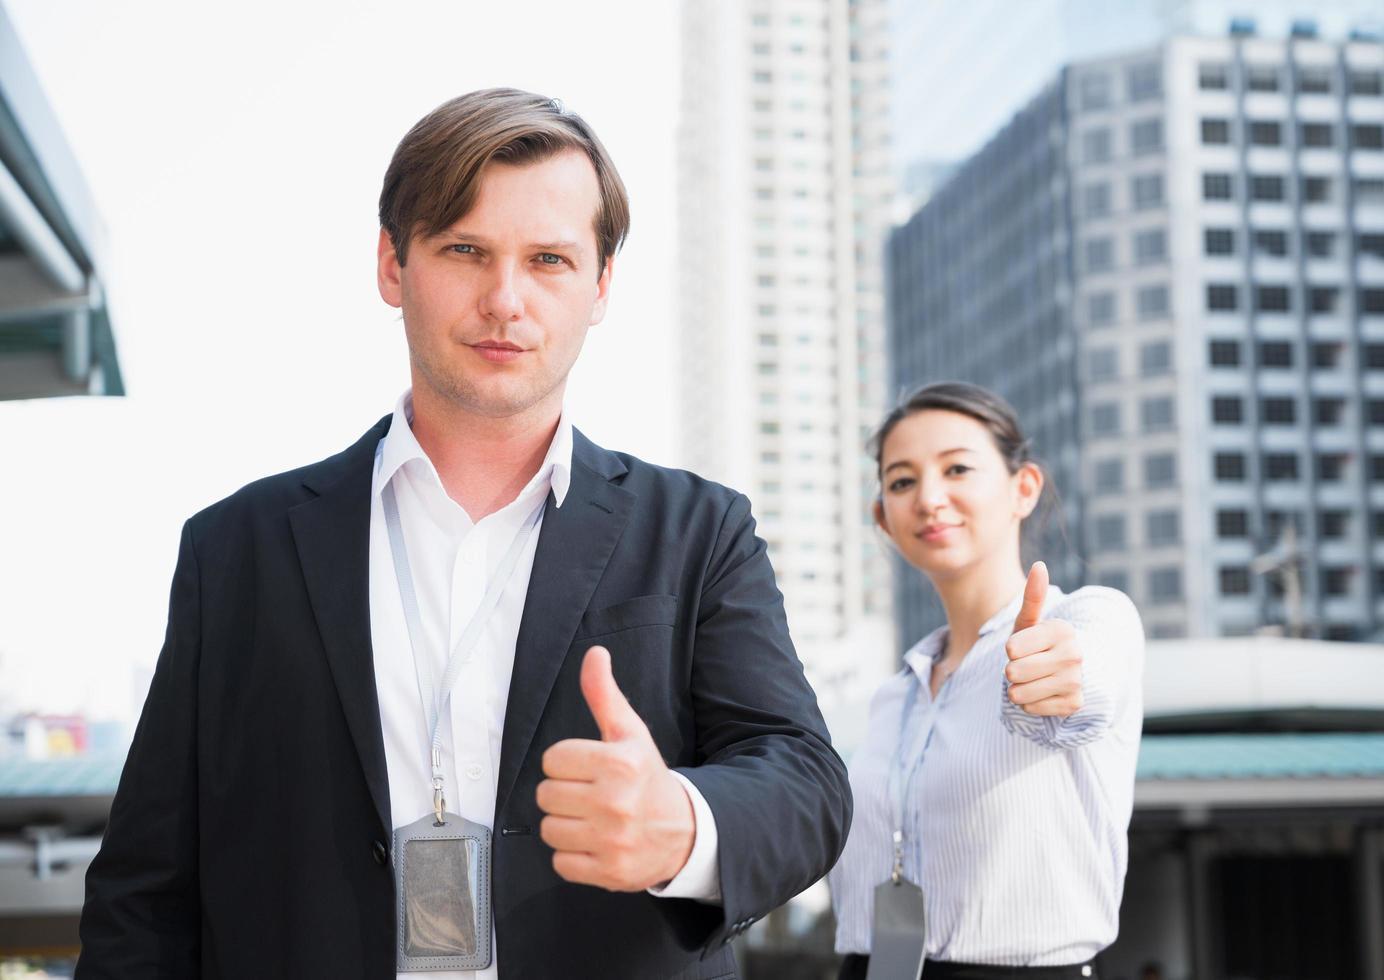 equipe de retrato de empresário e mulher mostrando os polegares foto